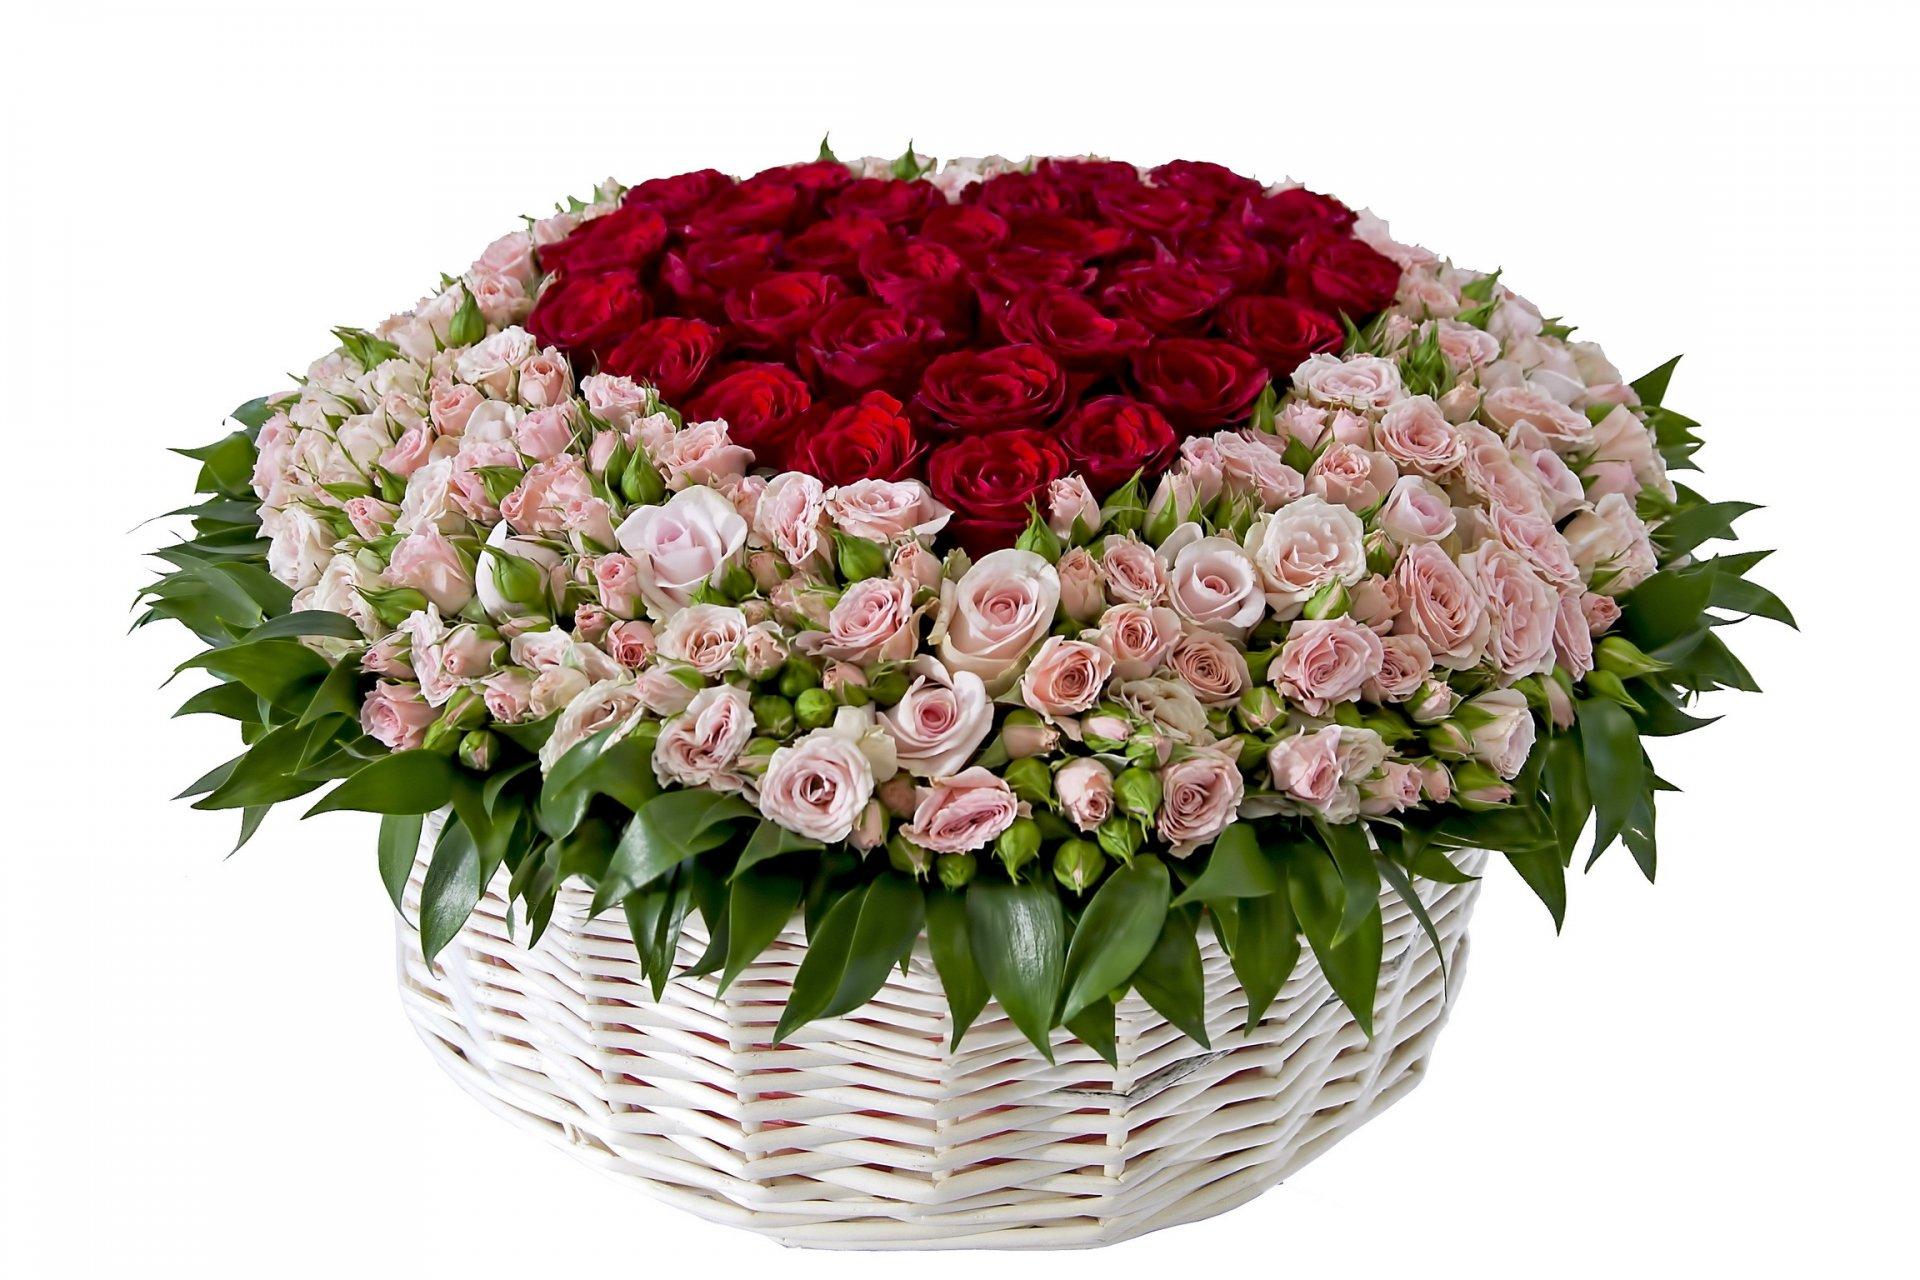 Красивые букеты цветов открытки большие